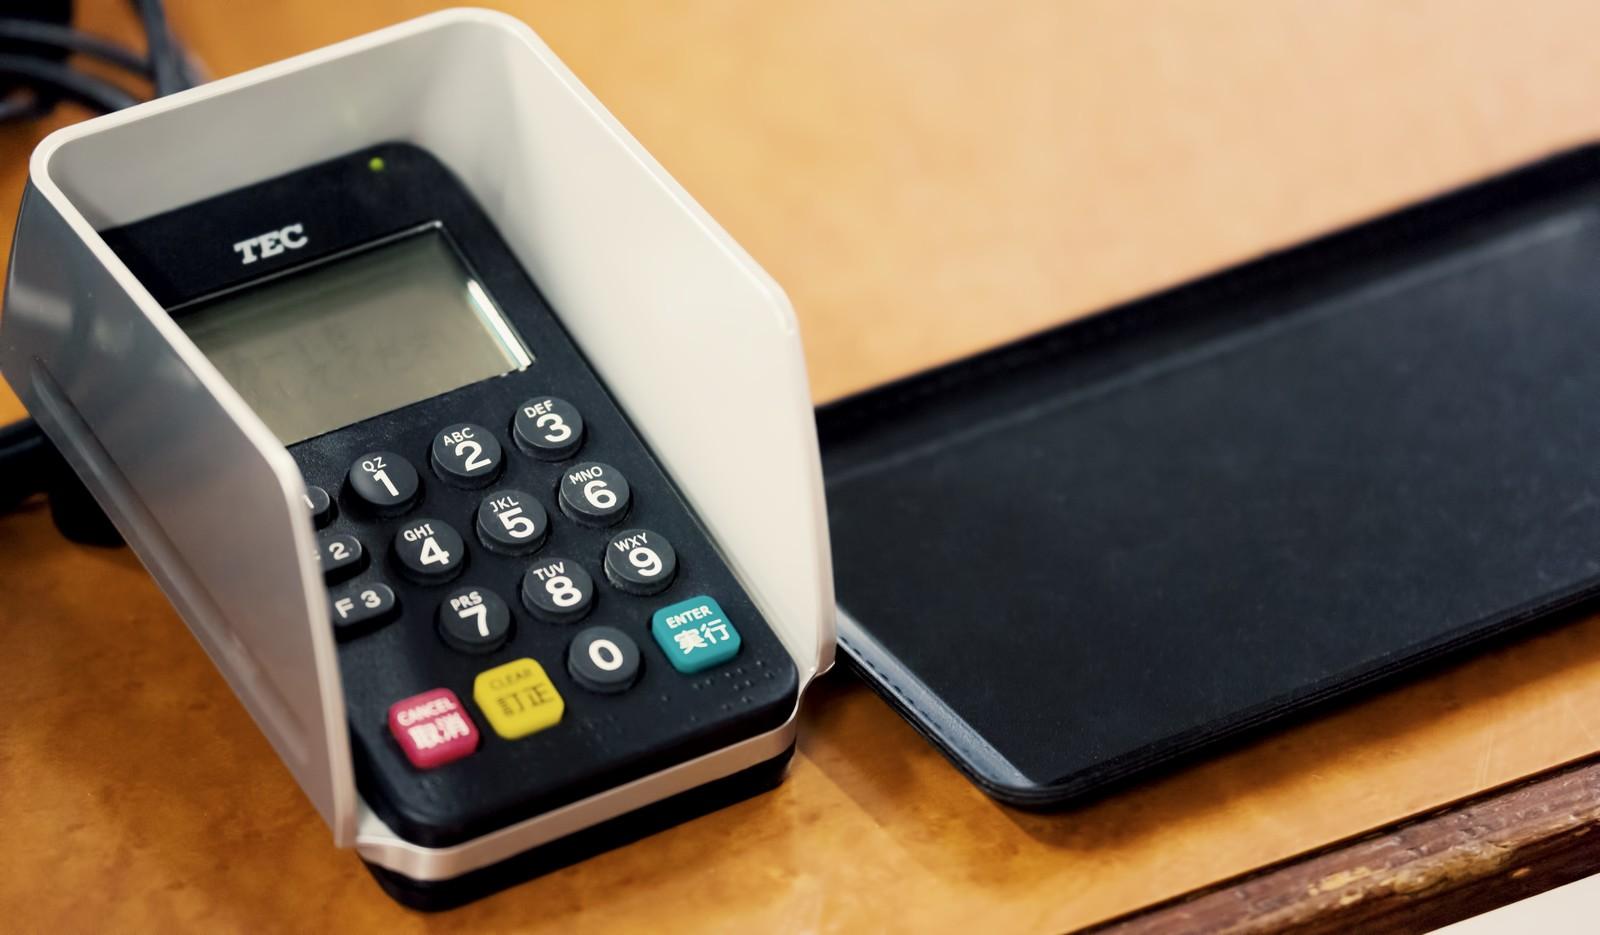 クレジット決済代行会社で現金化